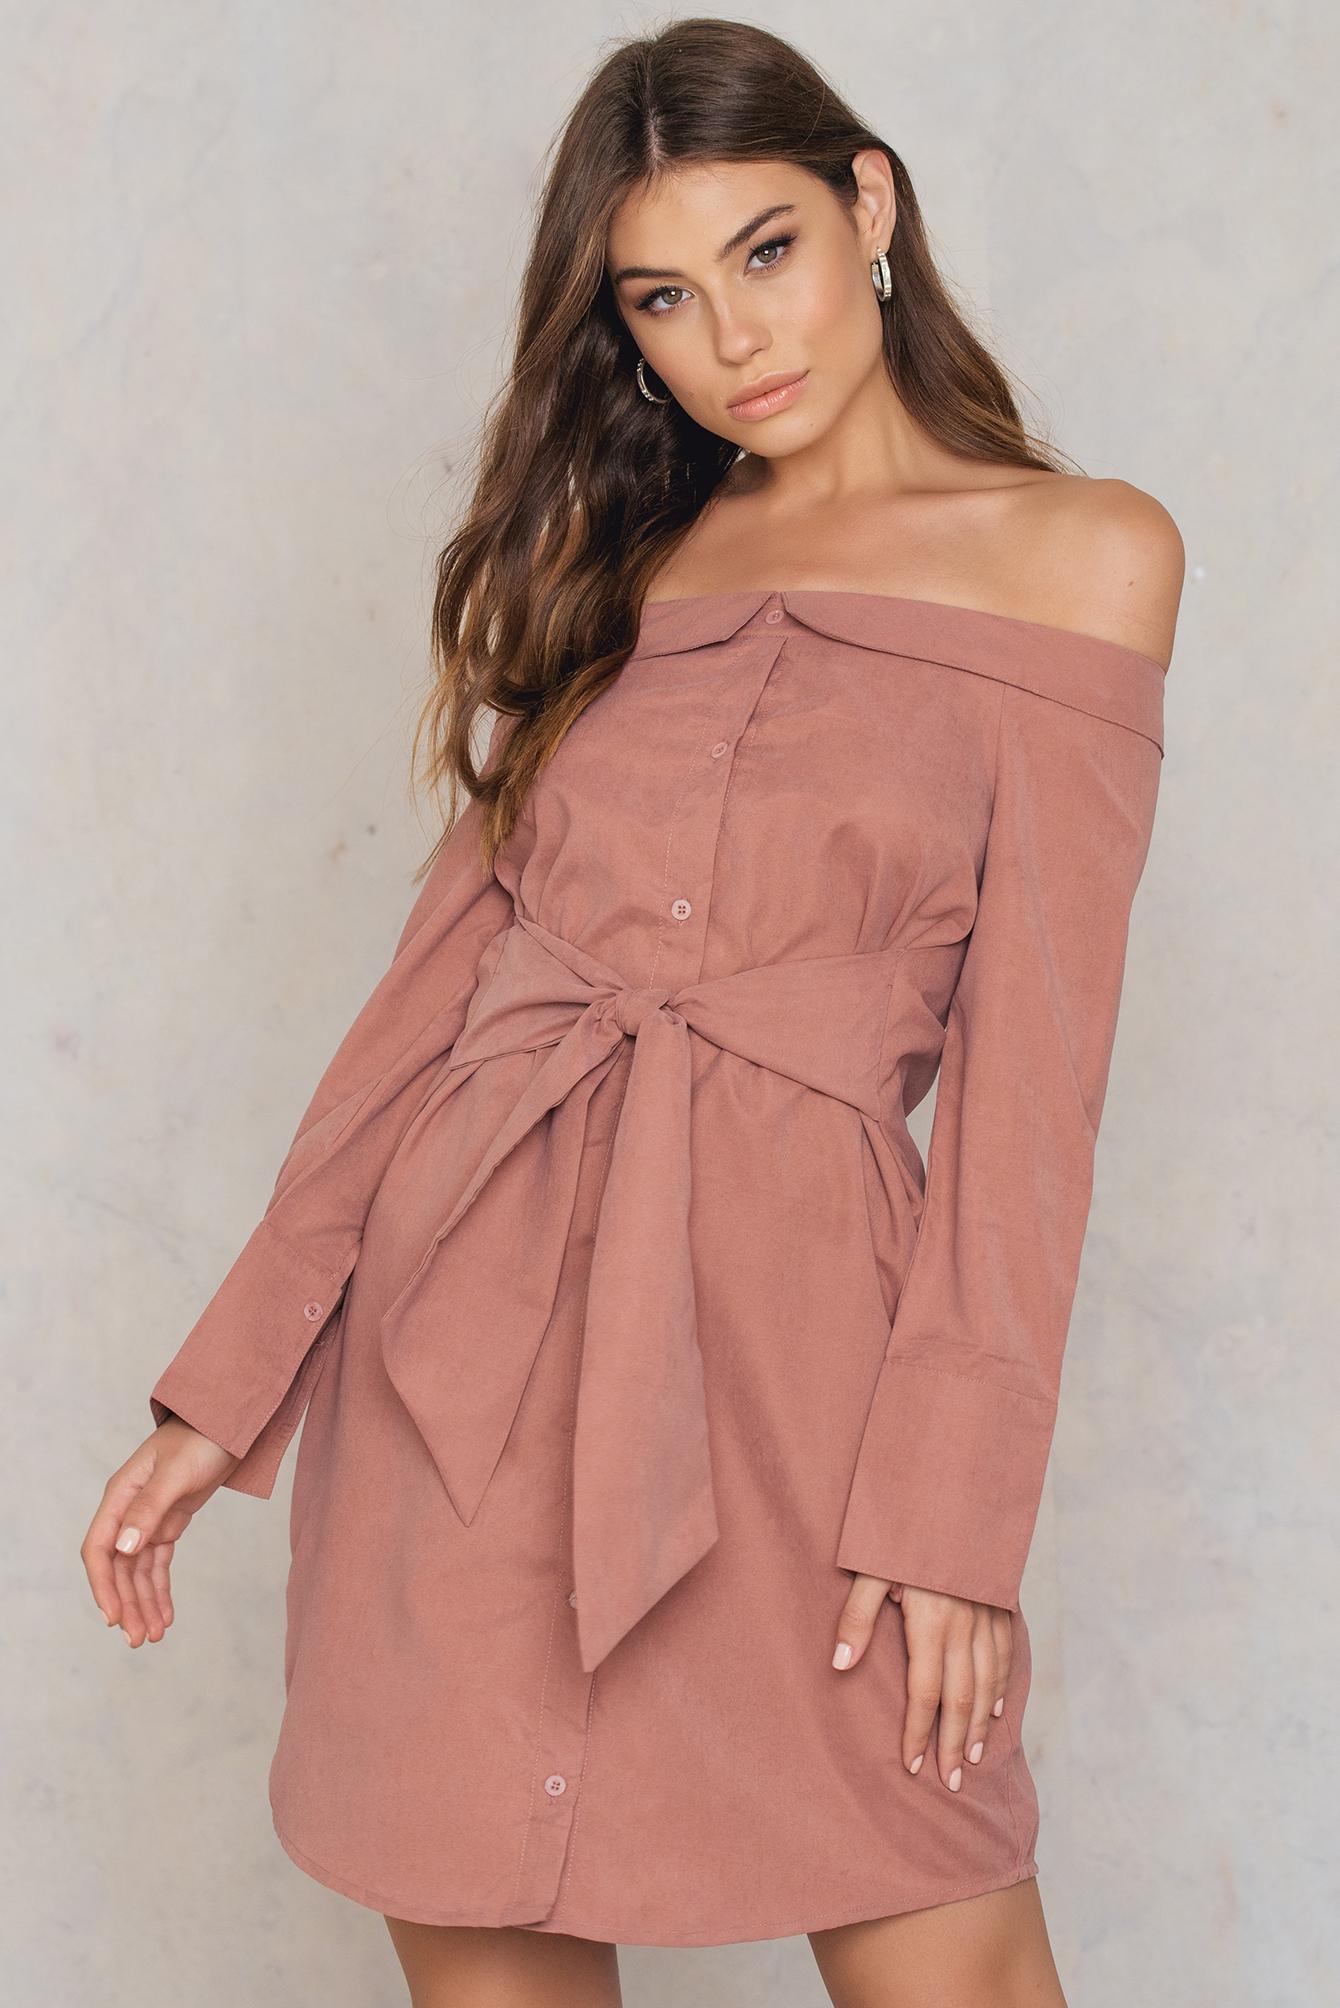 BOOHOO | Boohoo Off Shoulder Tie Front Shirt Dress - Brown, Pink | Goxip